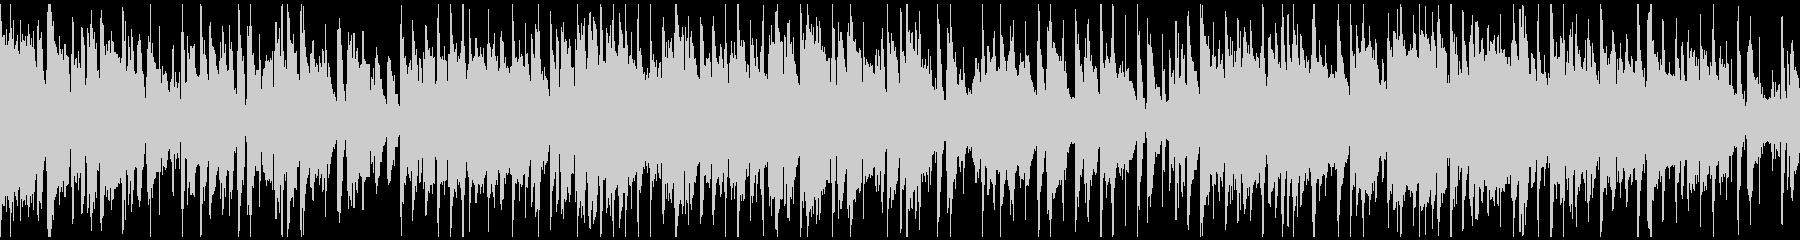 ソプラノサックス、クラブジャズ※ループ版の未再生の波形